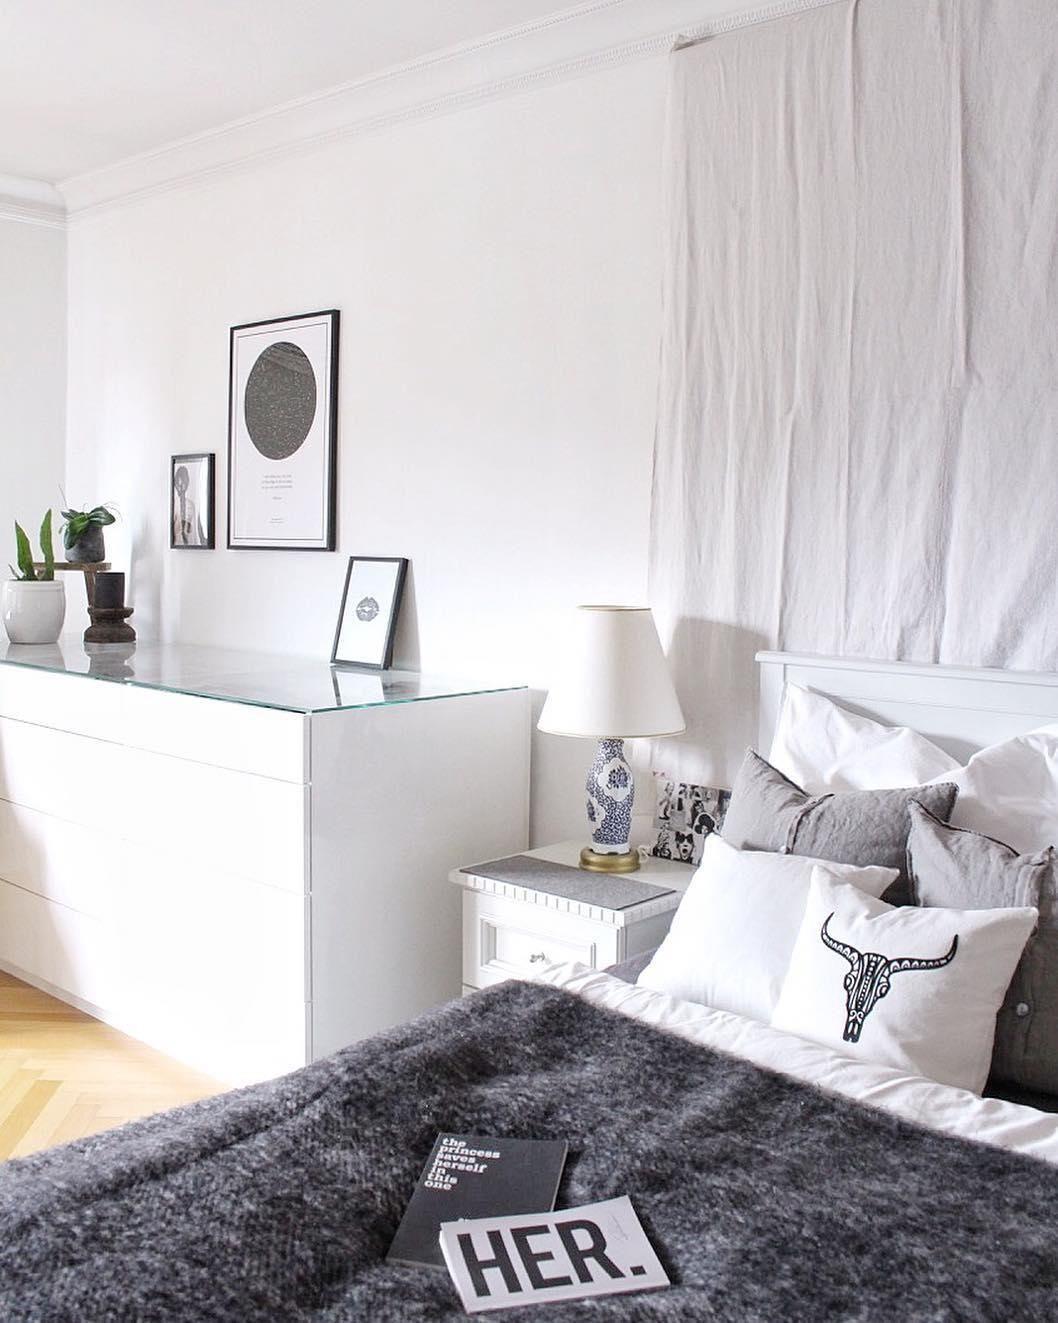 Bedroom Goals In Diesem Traumhaften Schlafzimmer Sind Susse Traume